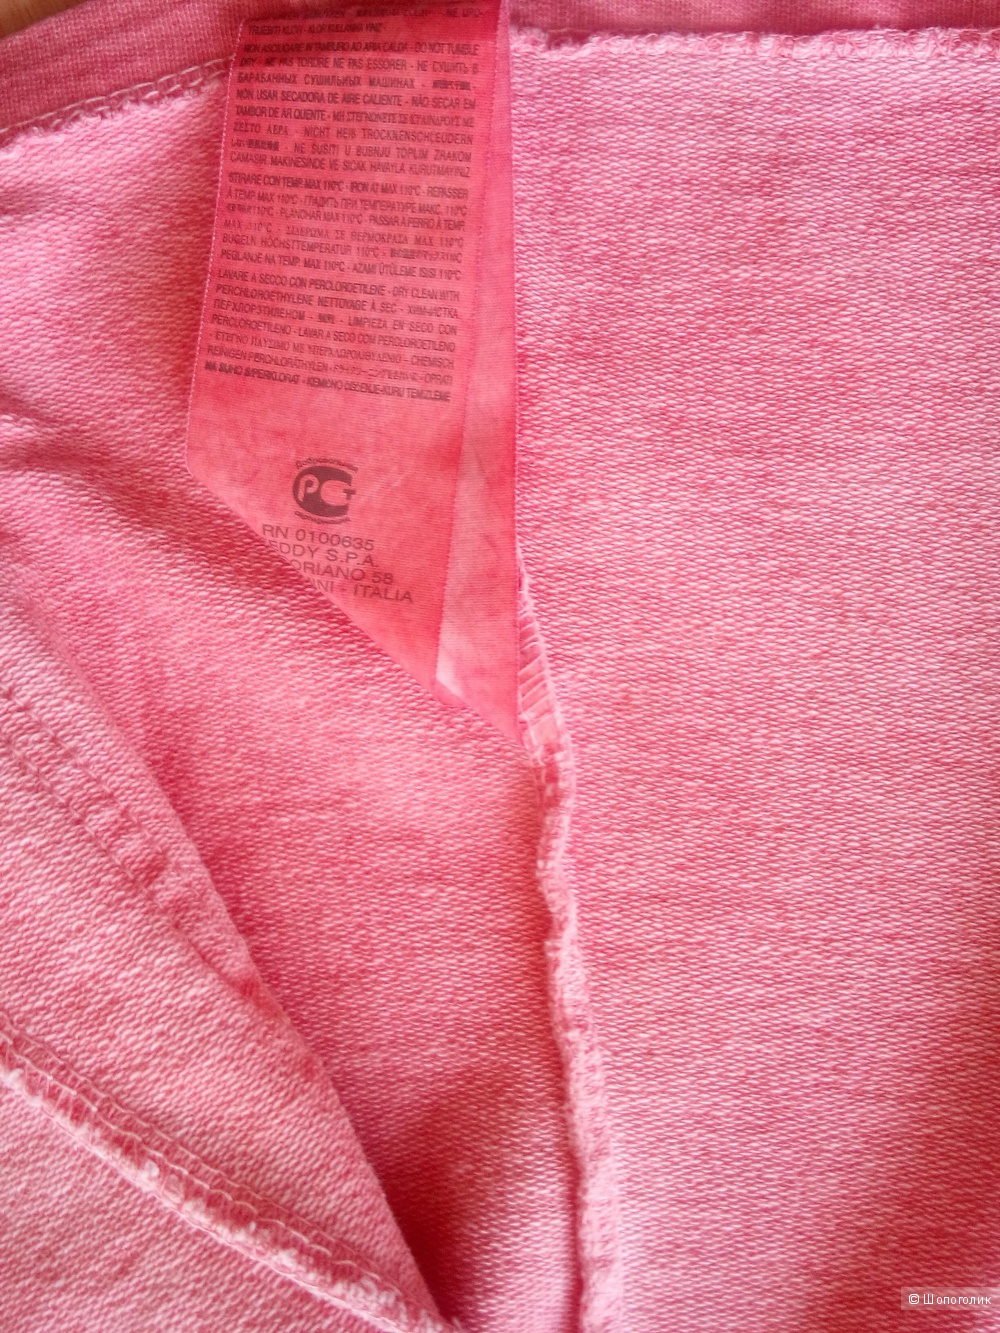 Пиджак-толстовка Rinascimento jeans   corallo rosso в размере  S и M